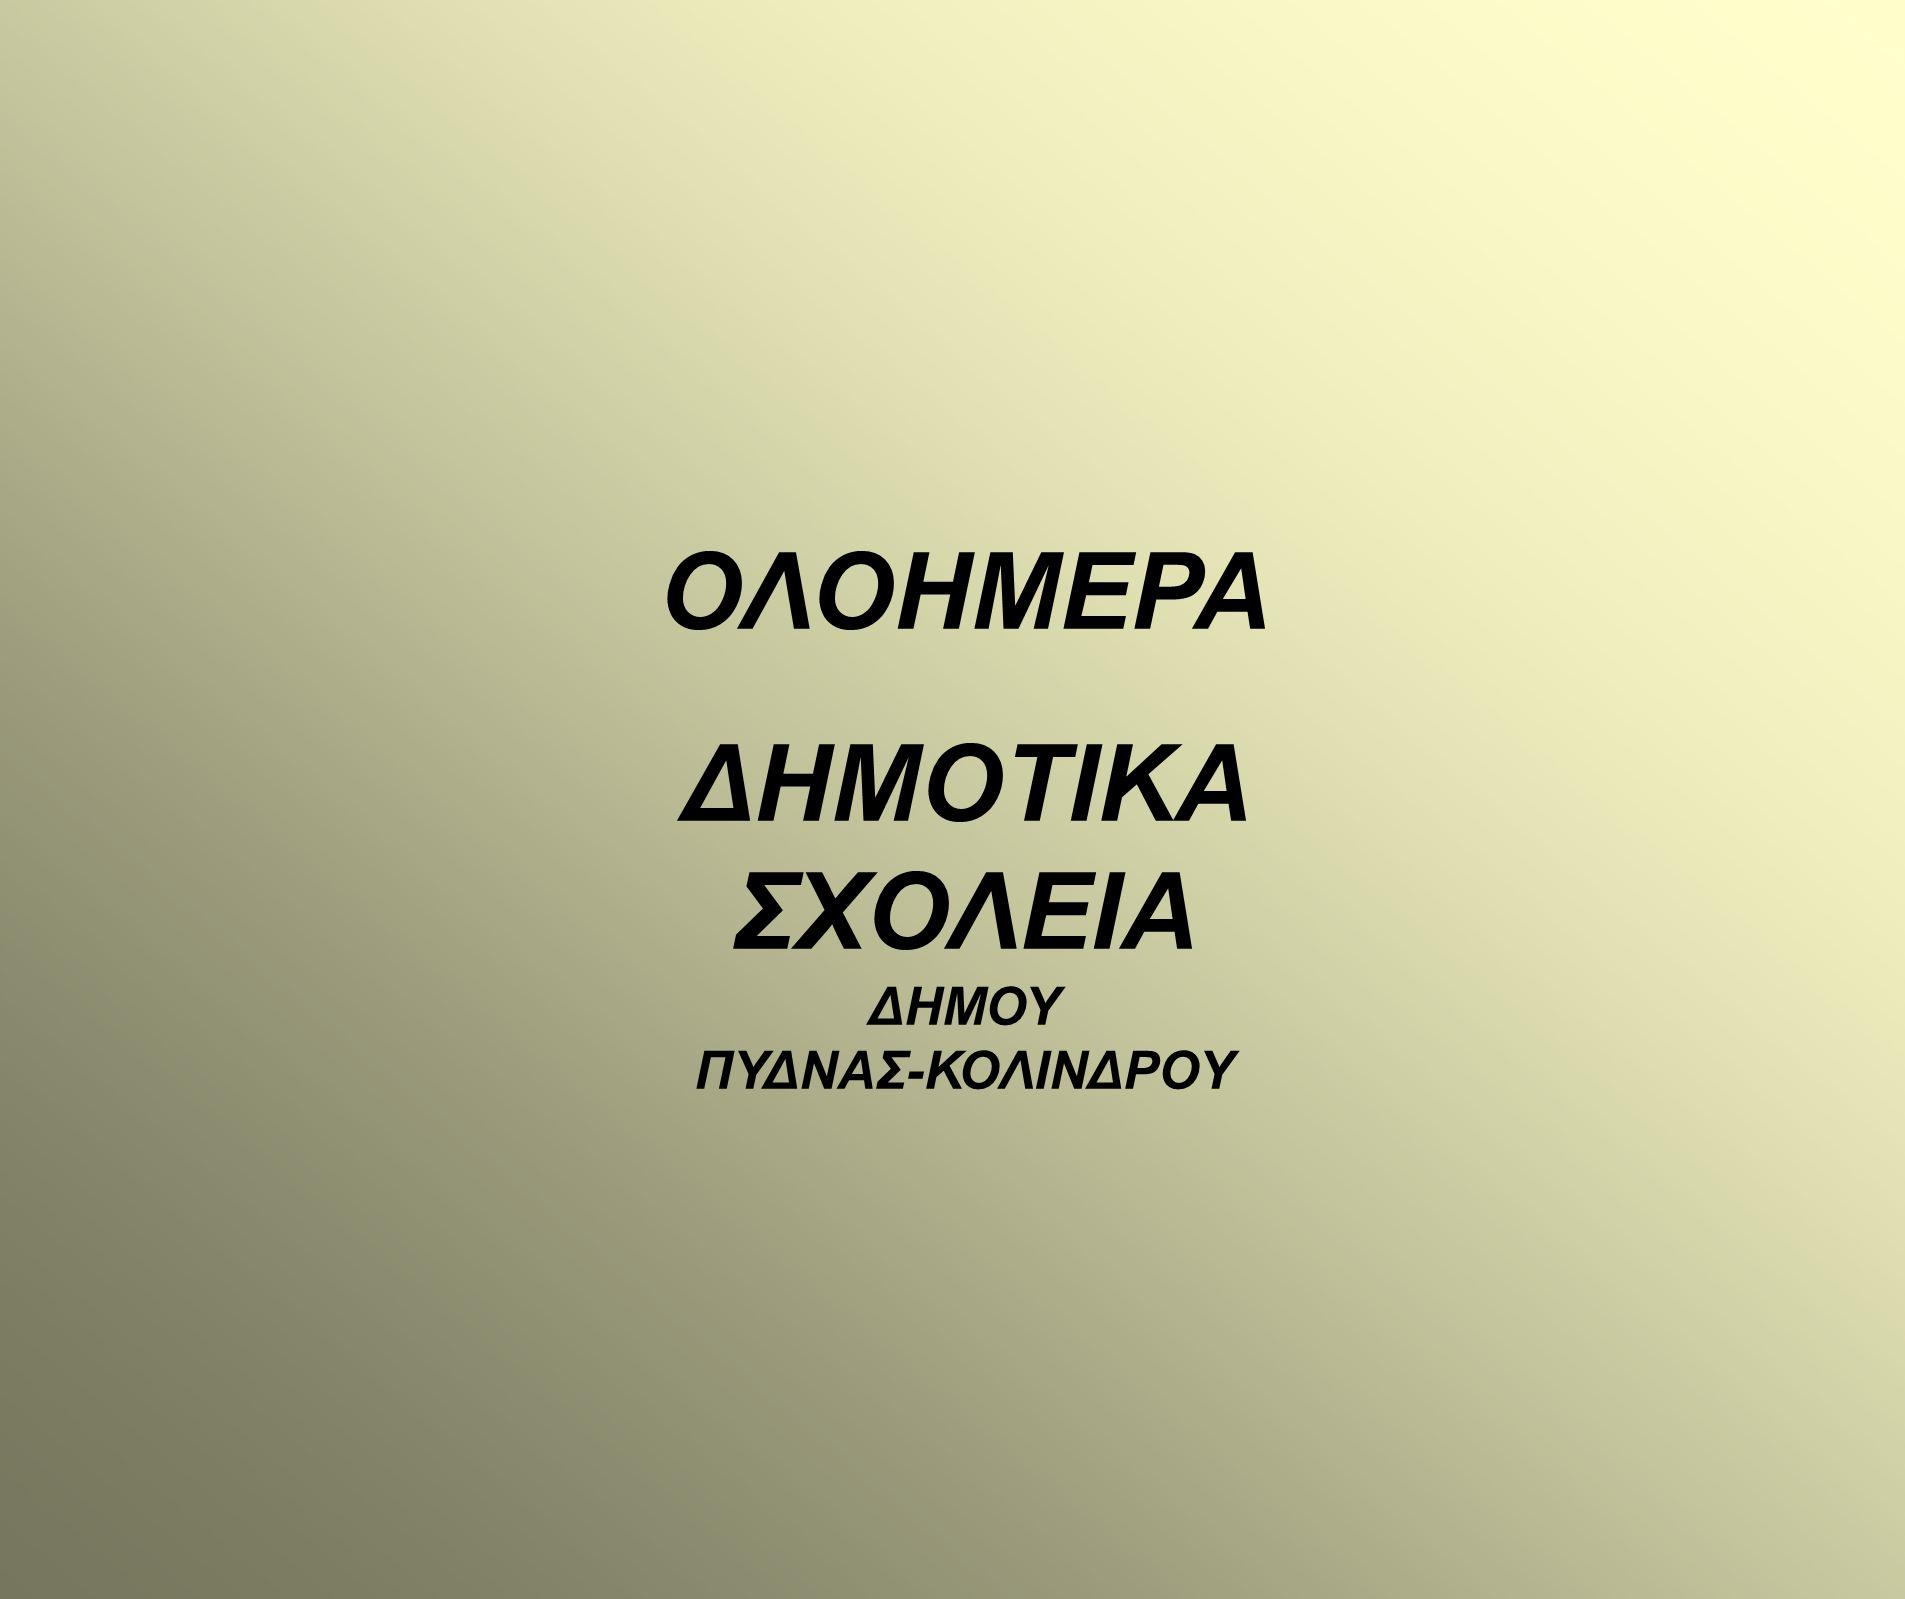 ΟΛΟΗΜΕΡΑ ΔΗΜΟΤΙΚΑ ΣΧΟΛΕΙΑ